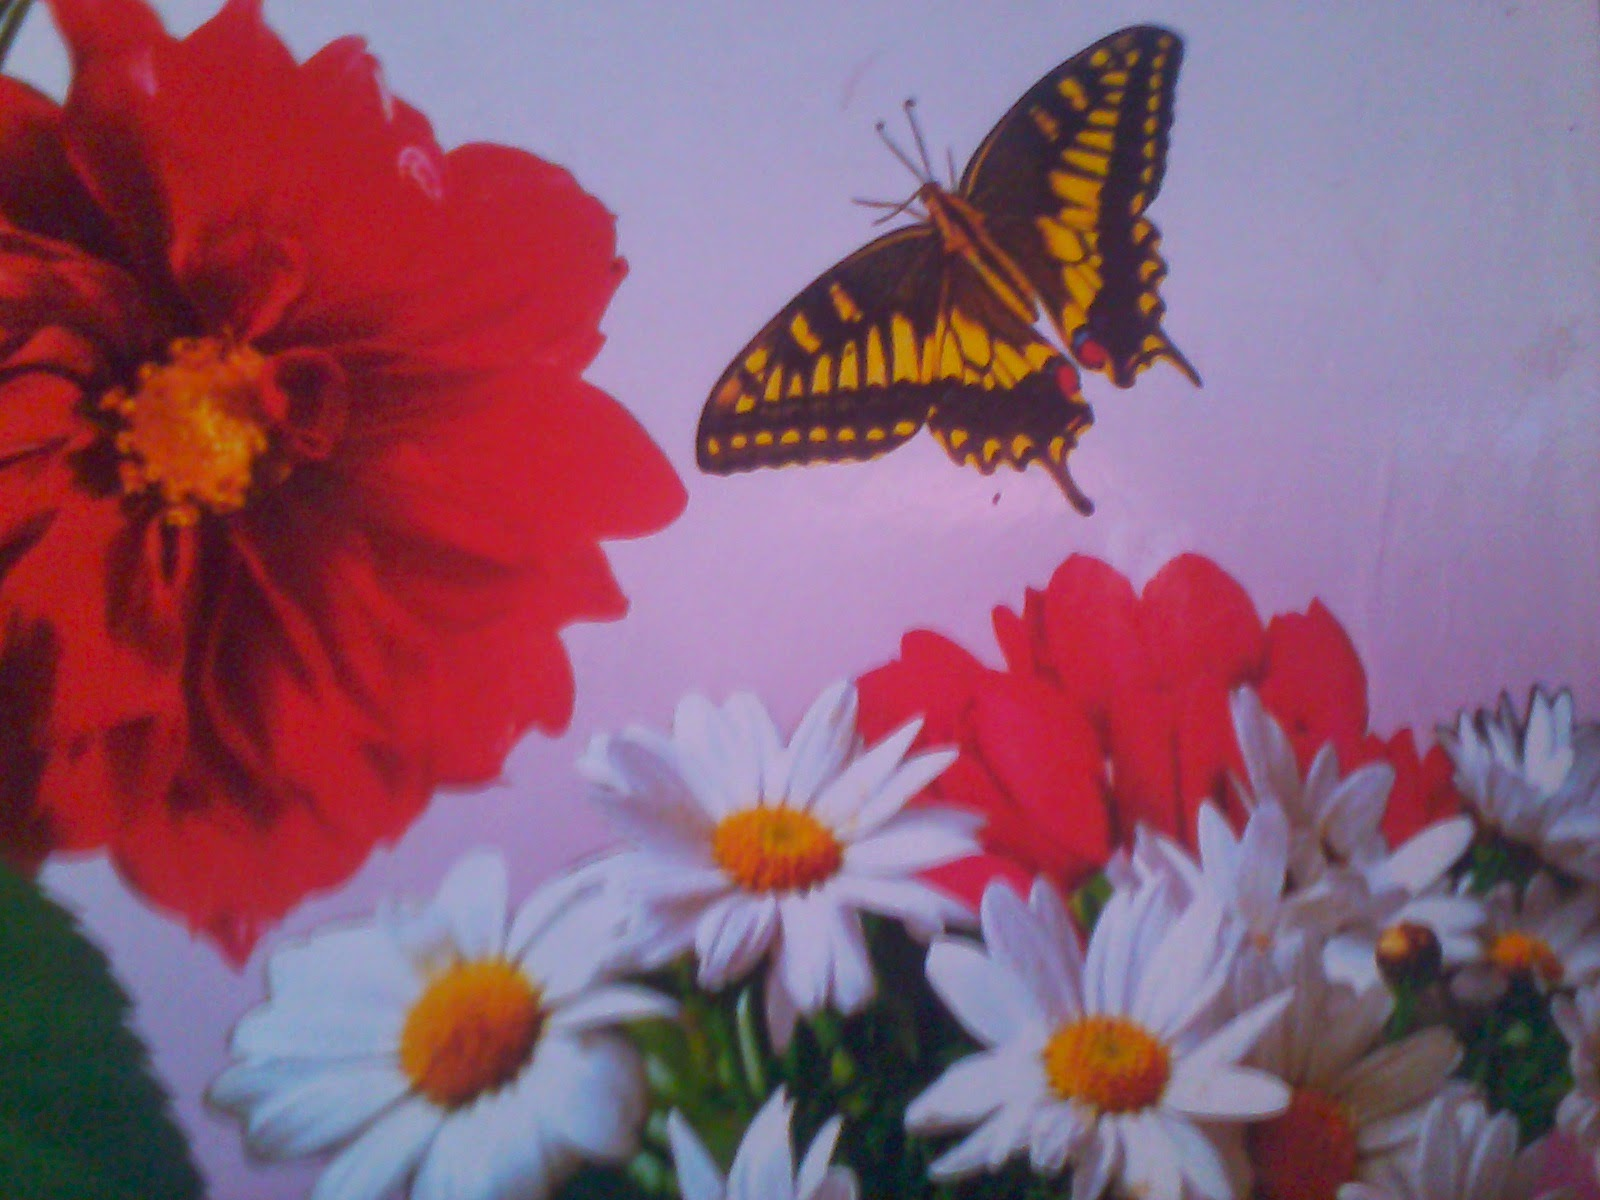 Hindi article about flowers: Phoolo se seekhen jeevan jeene ki kala.